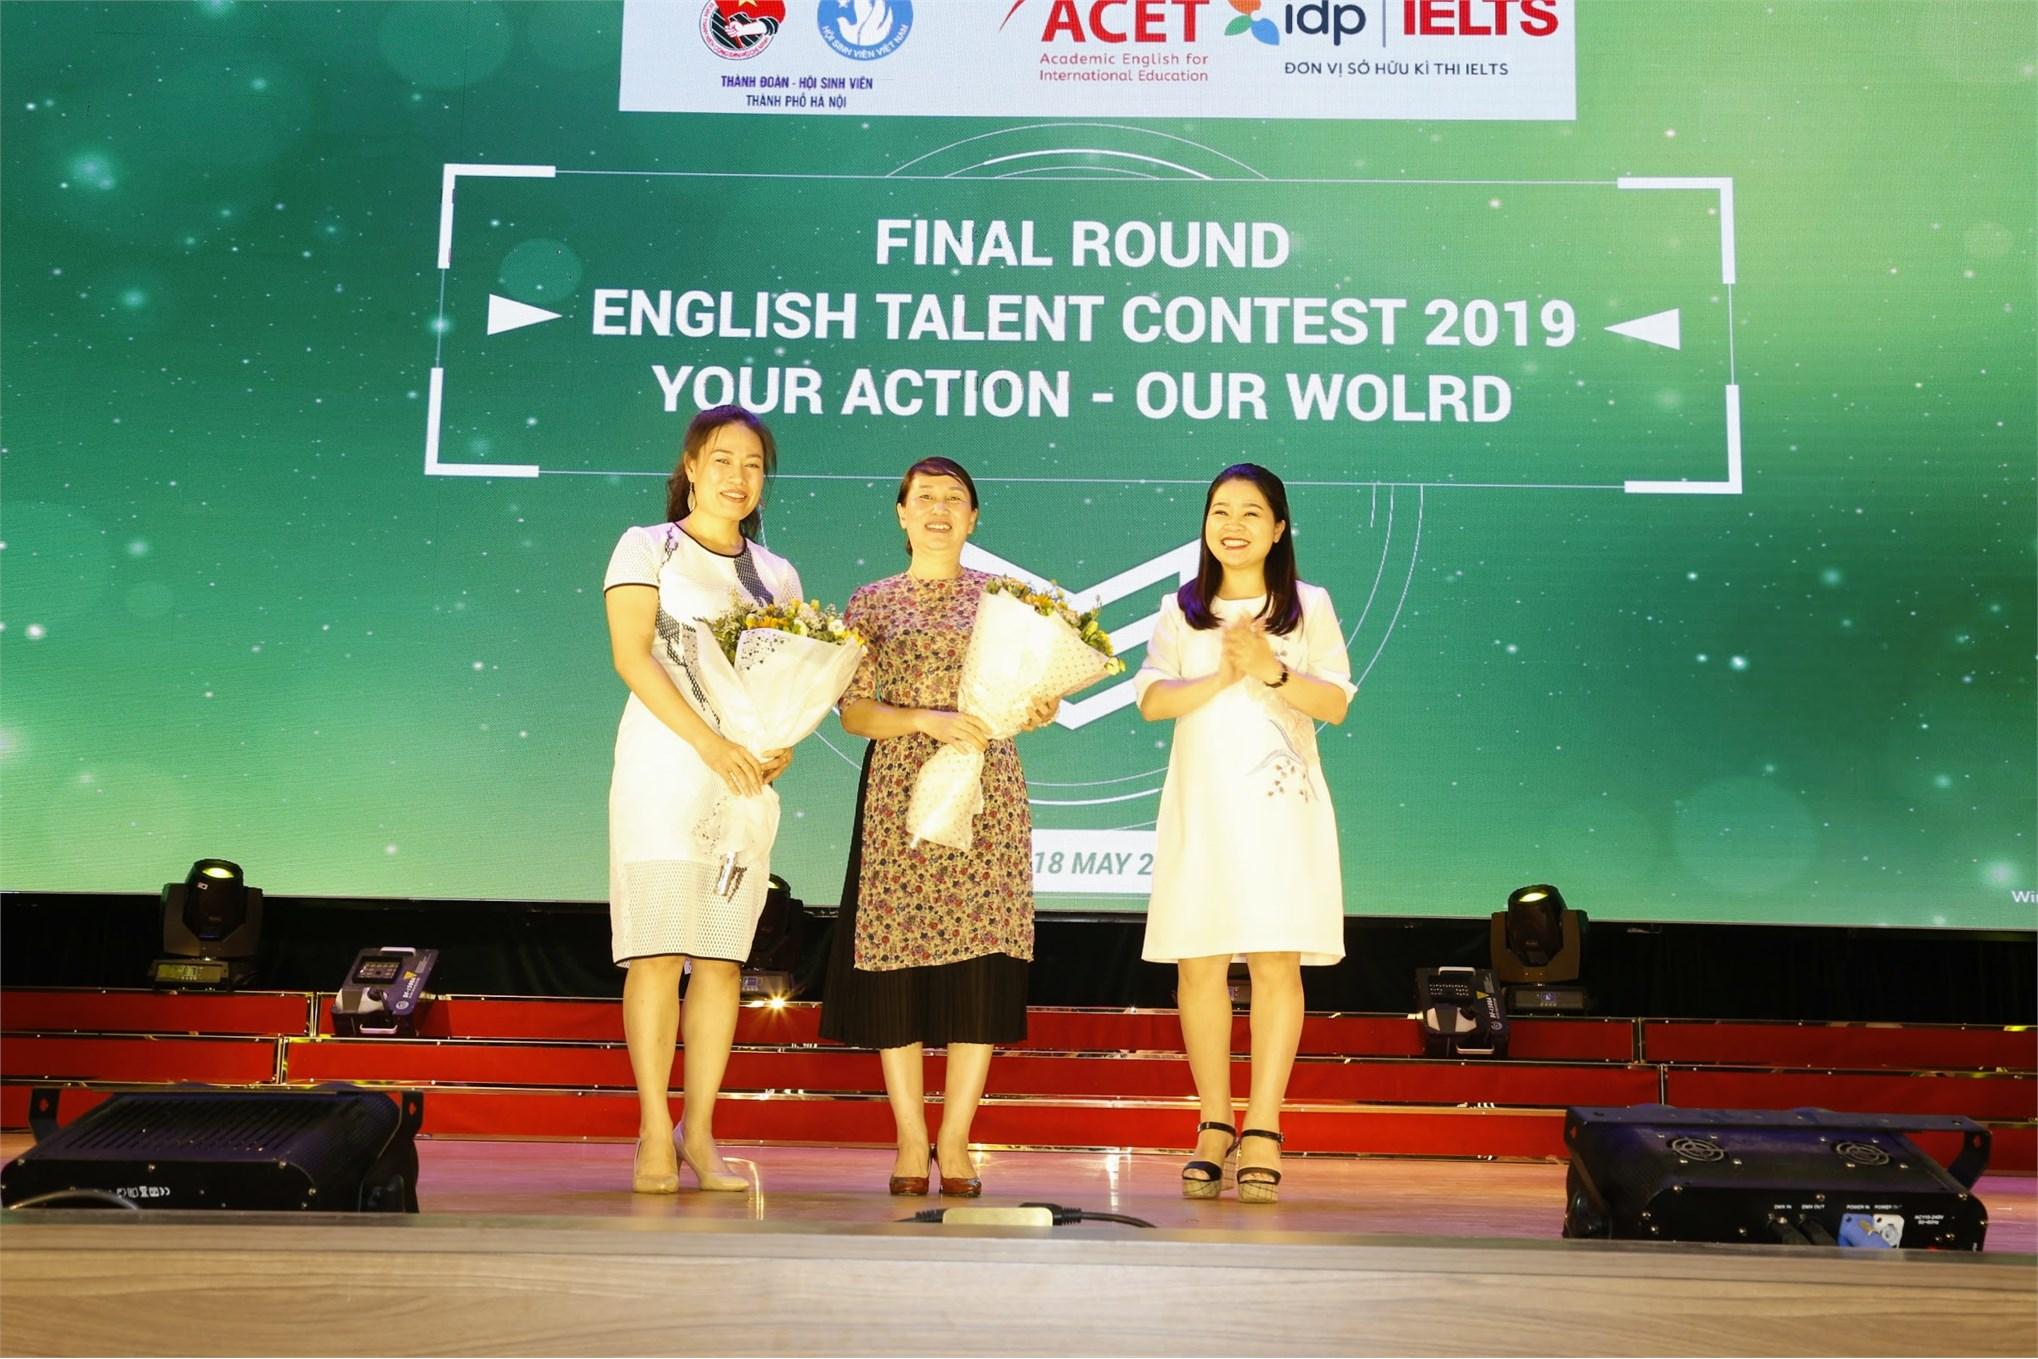 Đồng chí Chu Hồng Minh (phải), UVBCH Trung ương Đoàn, Phó bí thư Thành đoàn, Phó chủ tịch Hội Sinh viên Việt Nam, Chủ tịch Hội Sinh viên thành phố Hà Nội tặng hoa tới các đơn vị đồng hành: Đại học Công nghiệp Hà Nội (giữa) và Trung tâm Đào tạo Anh ngữ Úc ACET (trái)